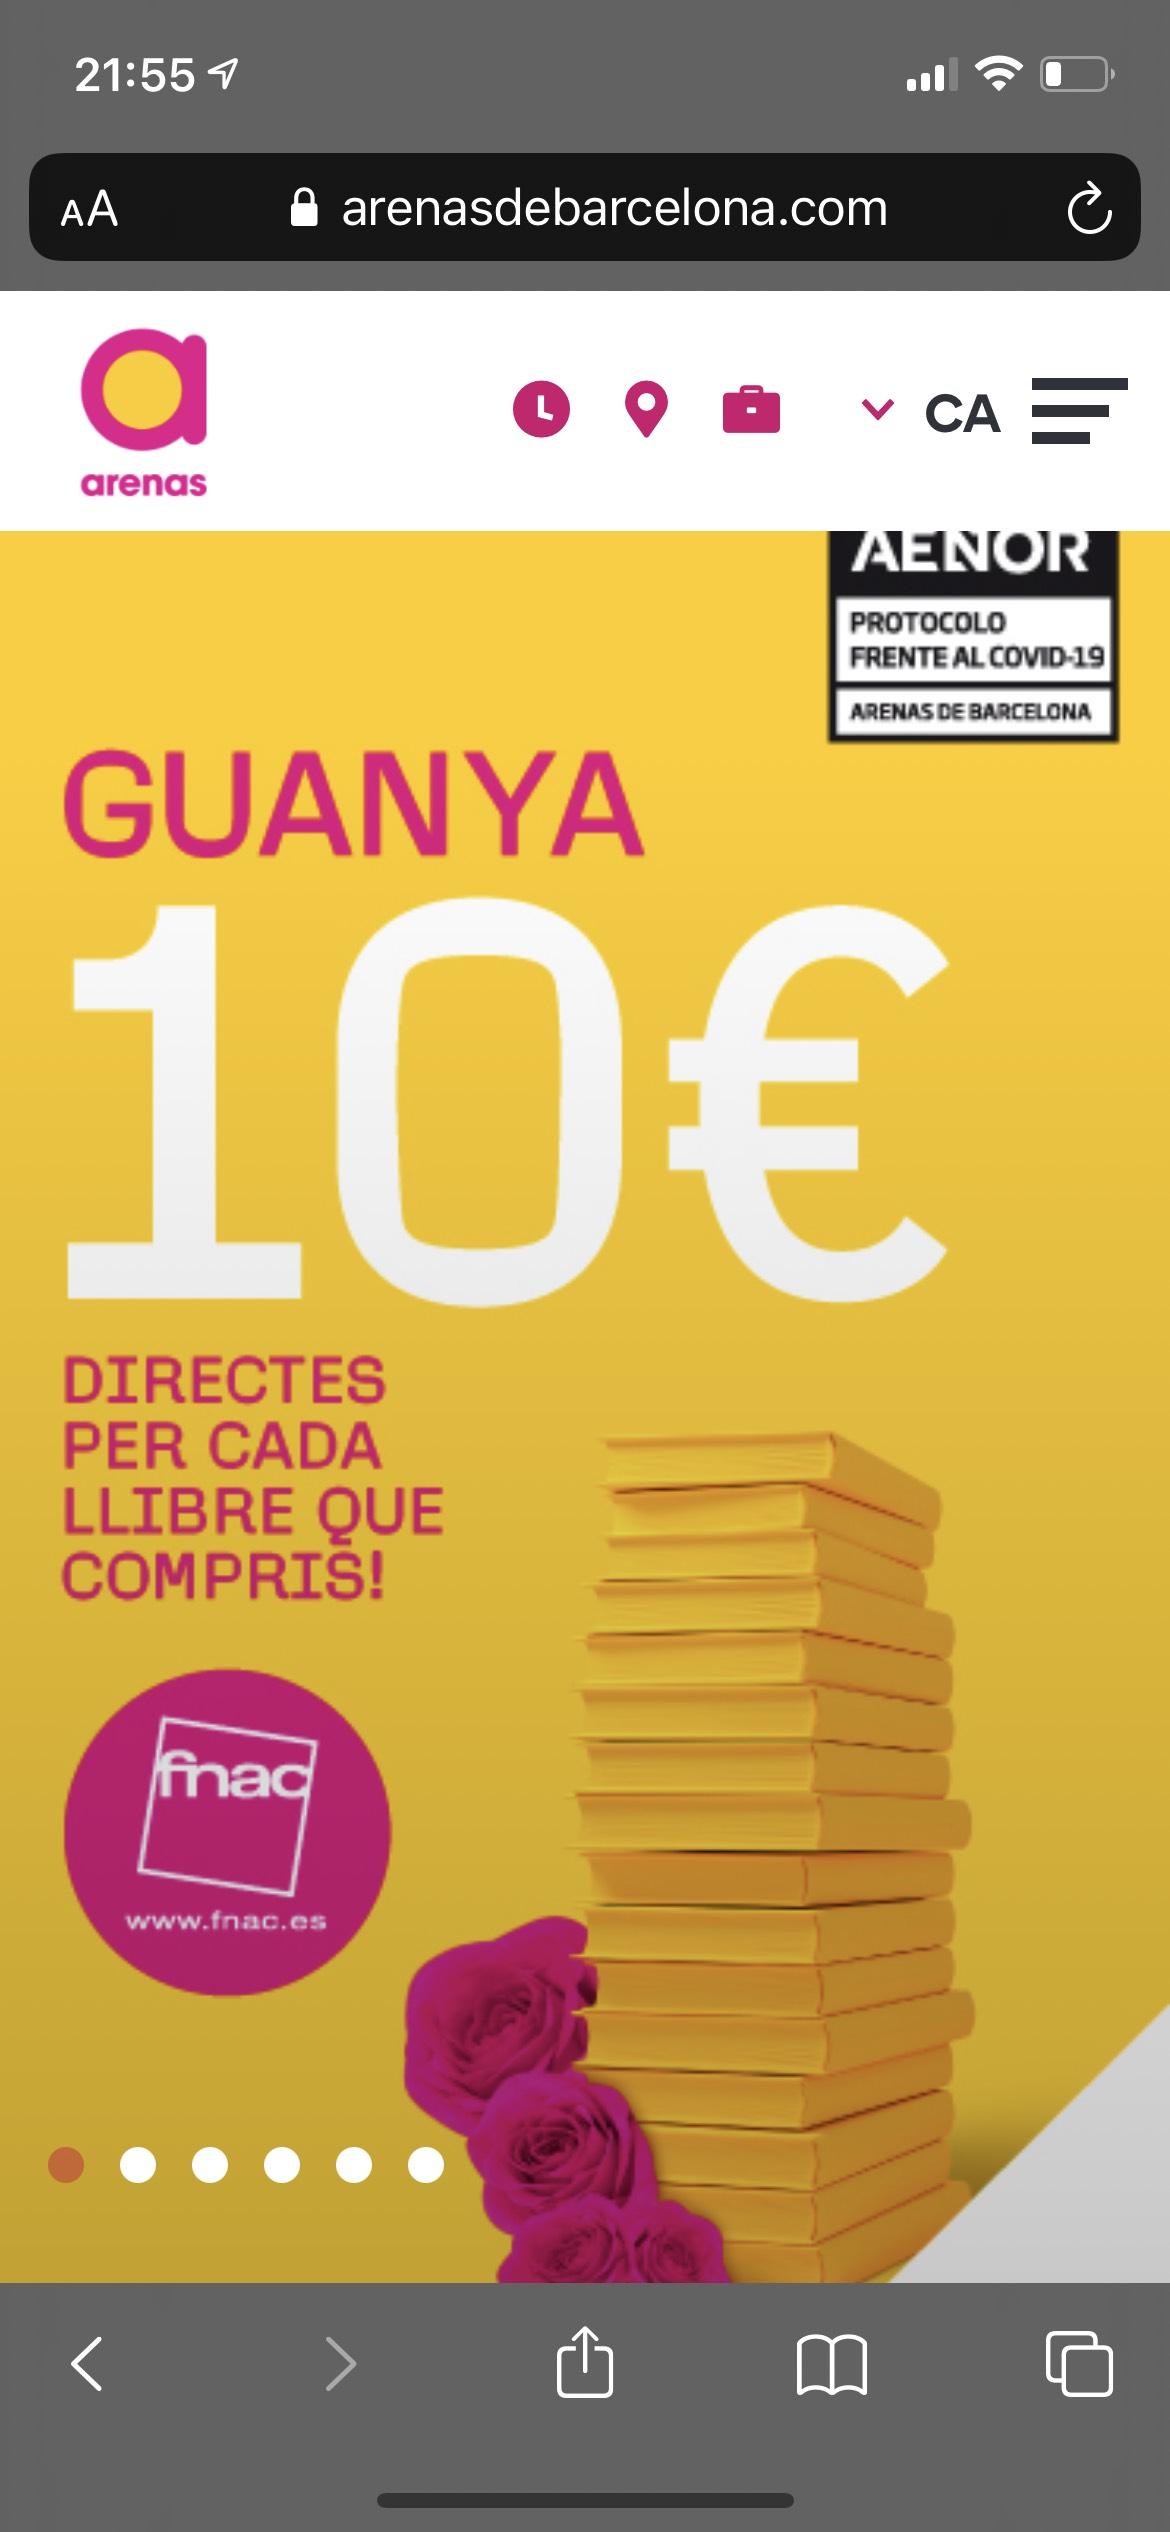 10 euros gratis por cada libro comprado En FNAC del CC Las Arenas en Barcelona